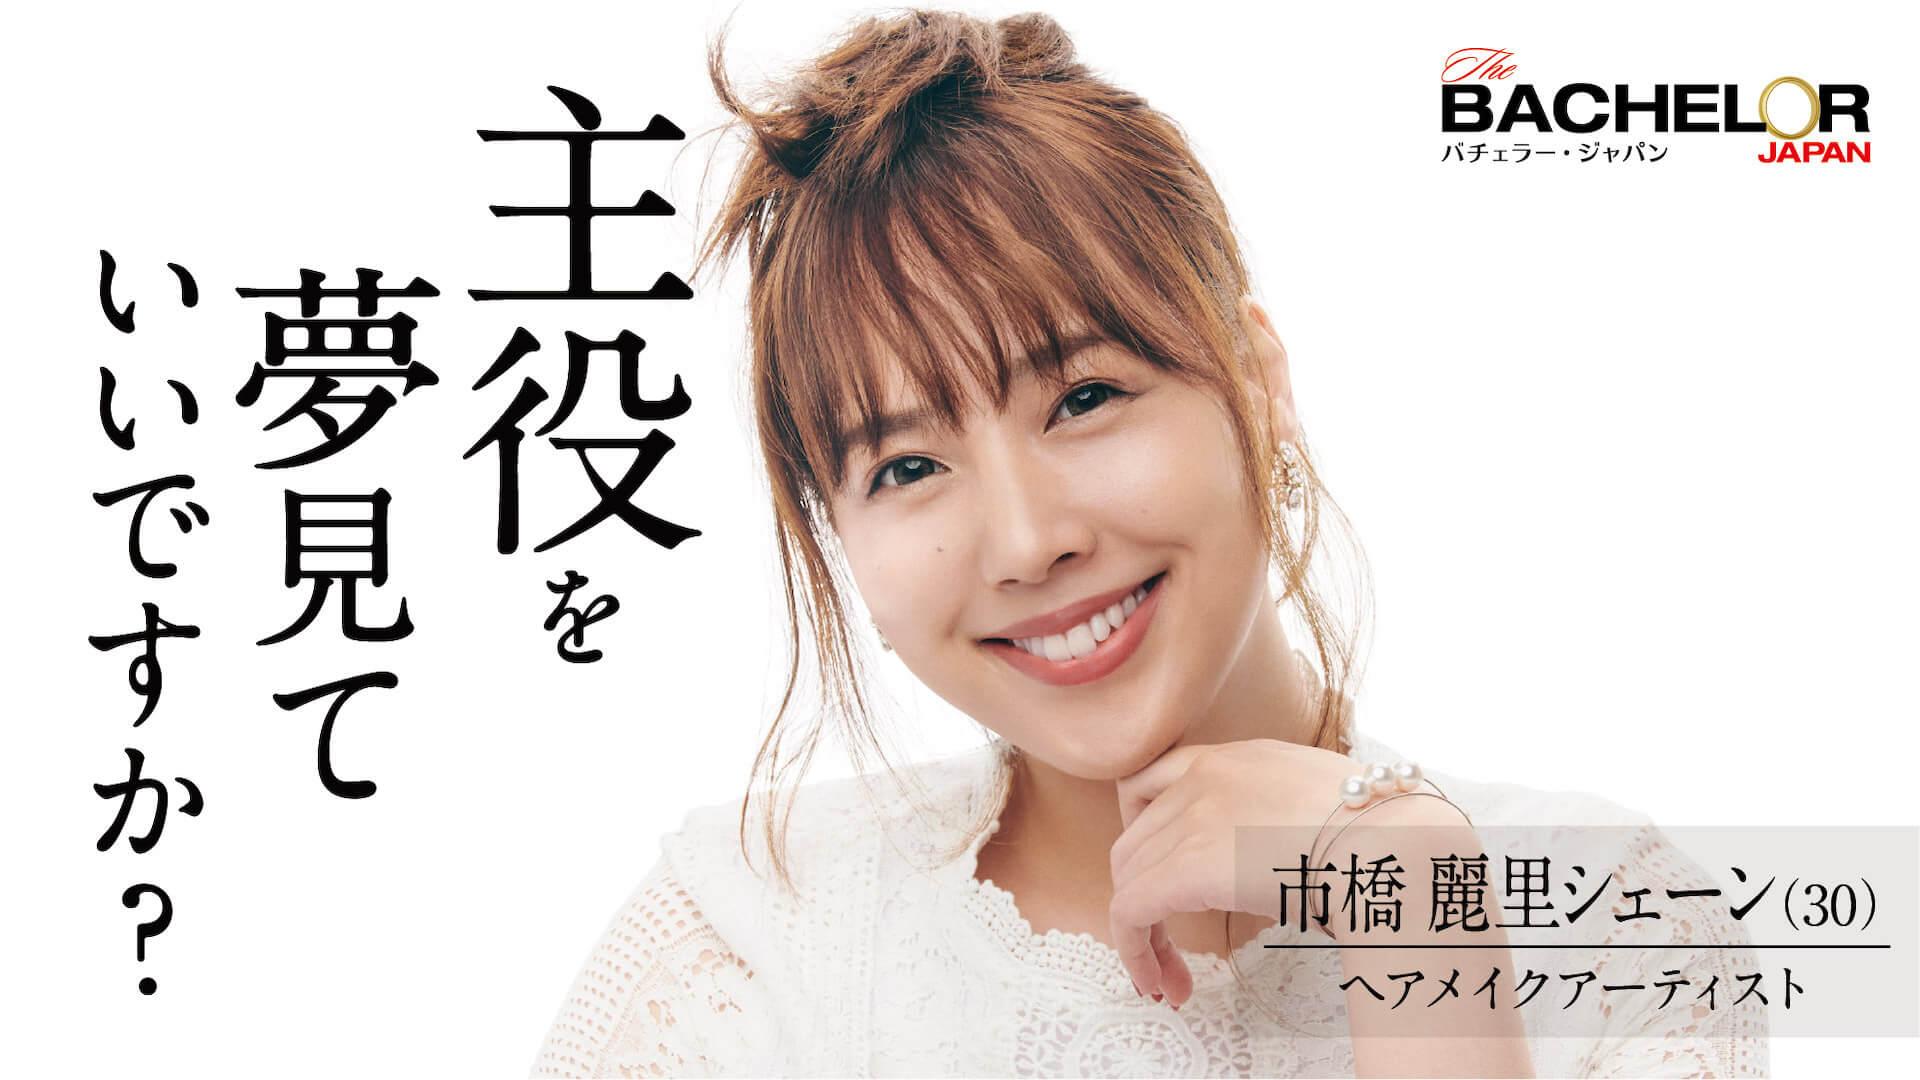 モデル、レディ・ユニバース2020日本代表、医者、経営者など続々登場!『バチェラー・ジャパン』シーズン4の女性参加者15名が一挙発表 art211007_bacelorjapan_3